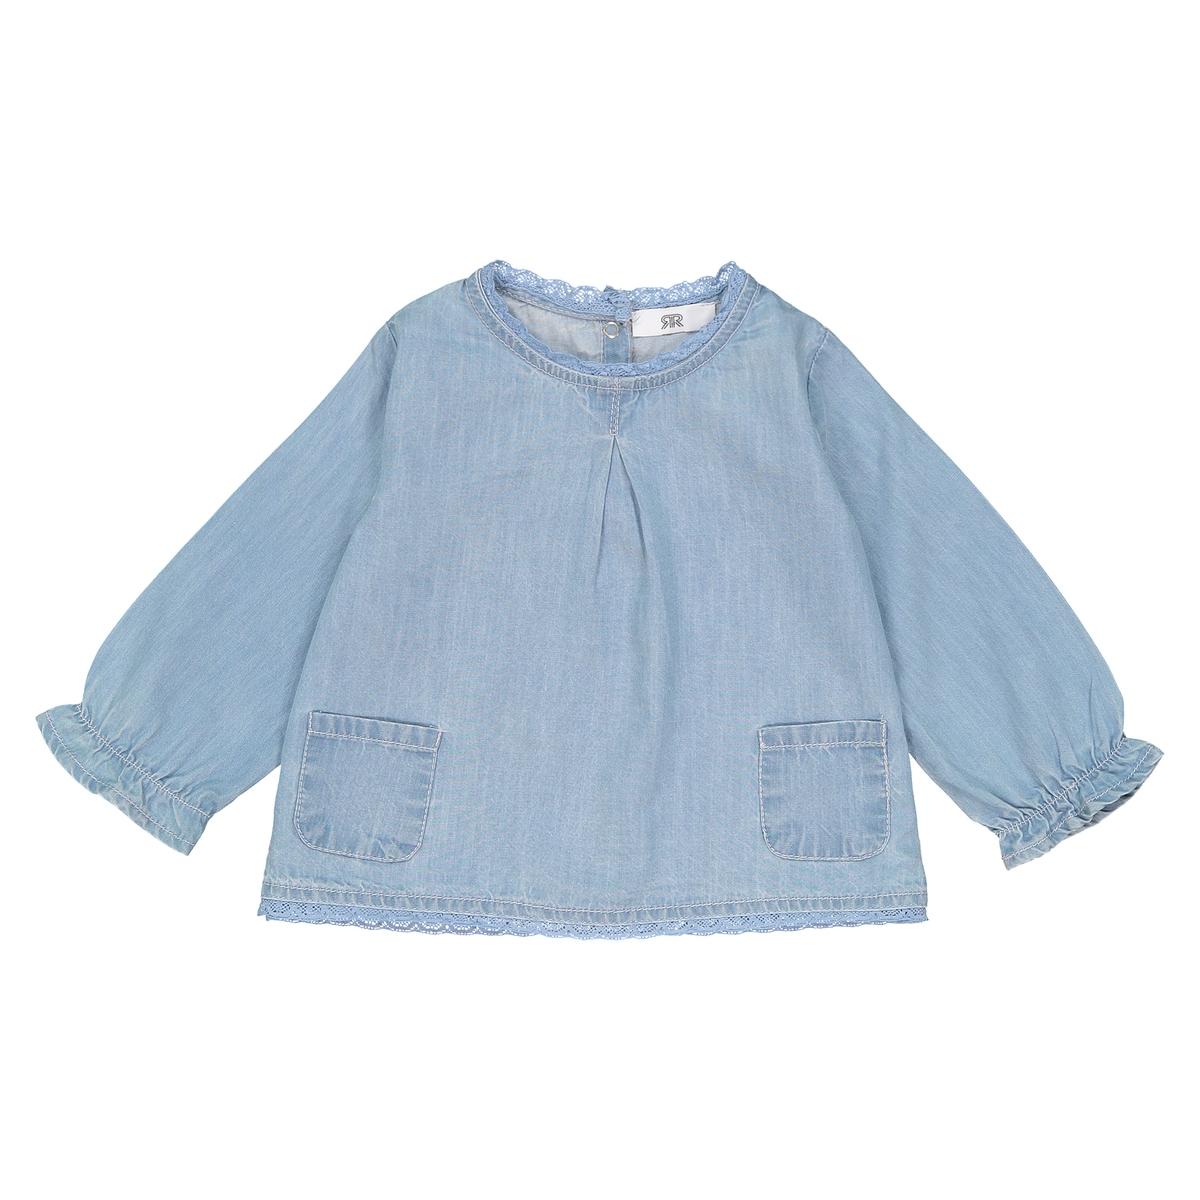 Блузка La Redoute С длинными рукавами из джинсовой ткани мес - года 3 года - 94 см синий набор лаков для ногтей christina fitzgerald christina fitzgerald ch007lwcpc02